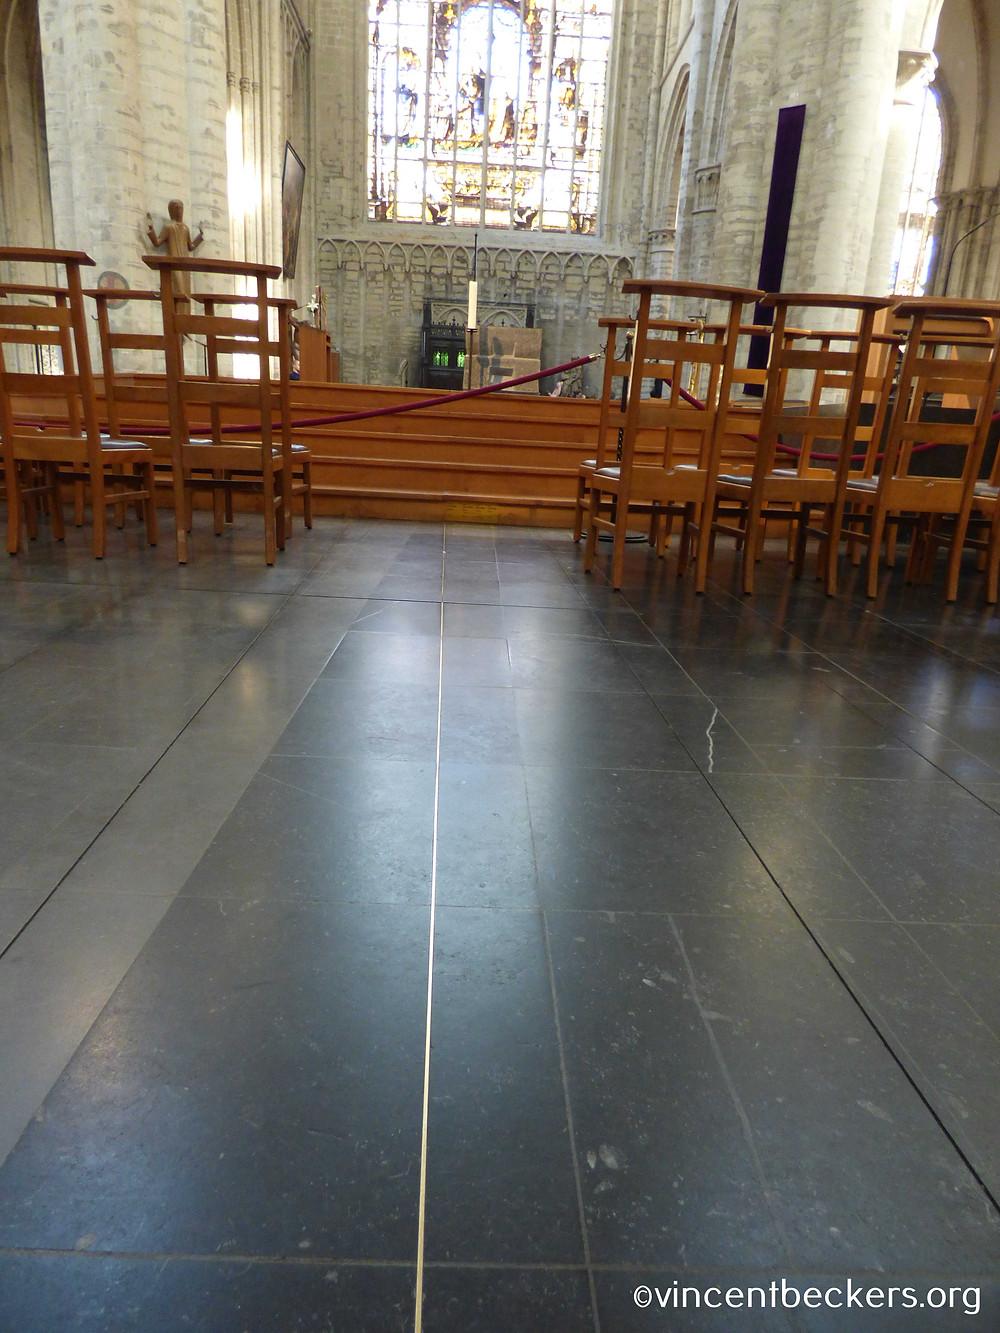 méridien de Bruxelles, cathédrale Saint-Michel, Bruxelles, visite guidée Bruxelles, Vincent Beckers